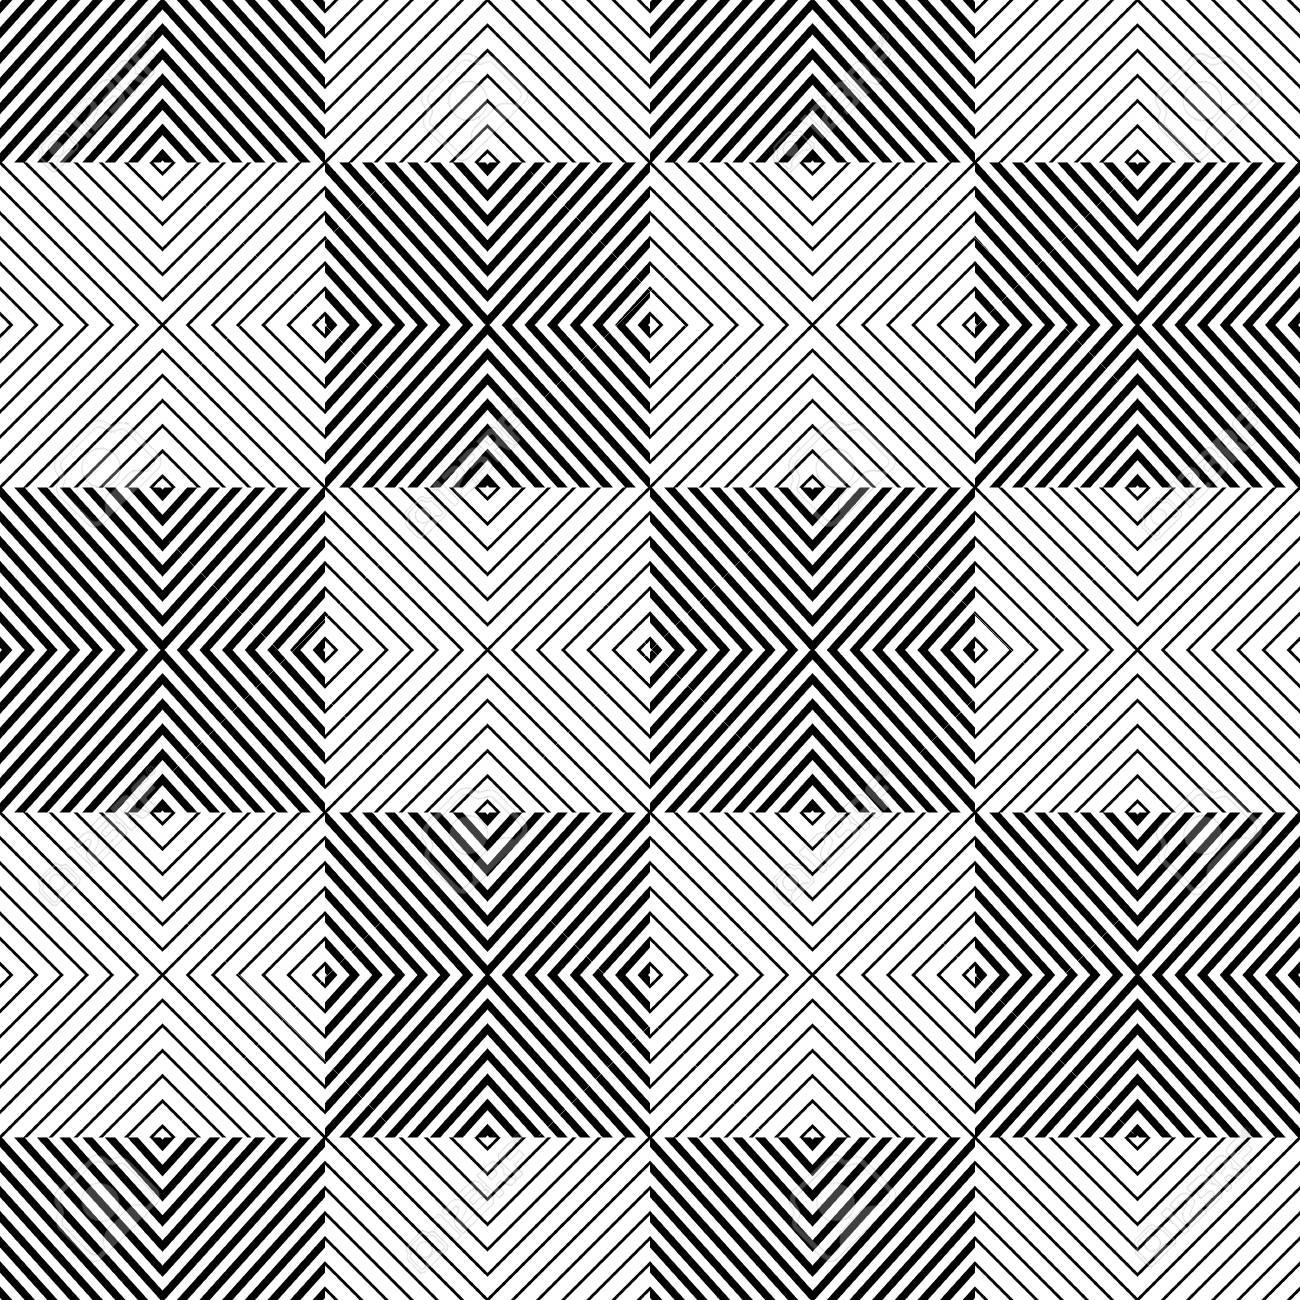 Full Size of Abstrakte Geometrische Muster Schwarze Und Weie Nahtlose Wohnzimmer Tapeten Fototapeten Esstische Bett 180x200 Küche Weiss Schlafzimmer Tapete Holz Sofa Fürs Wohnzimmer Tapeten Modern